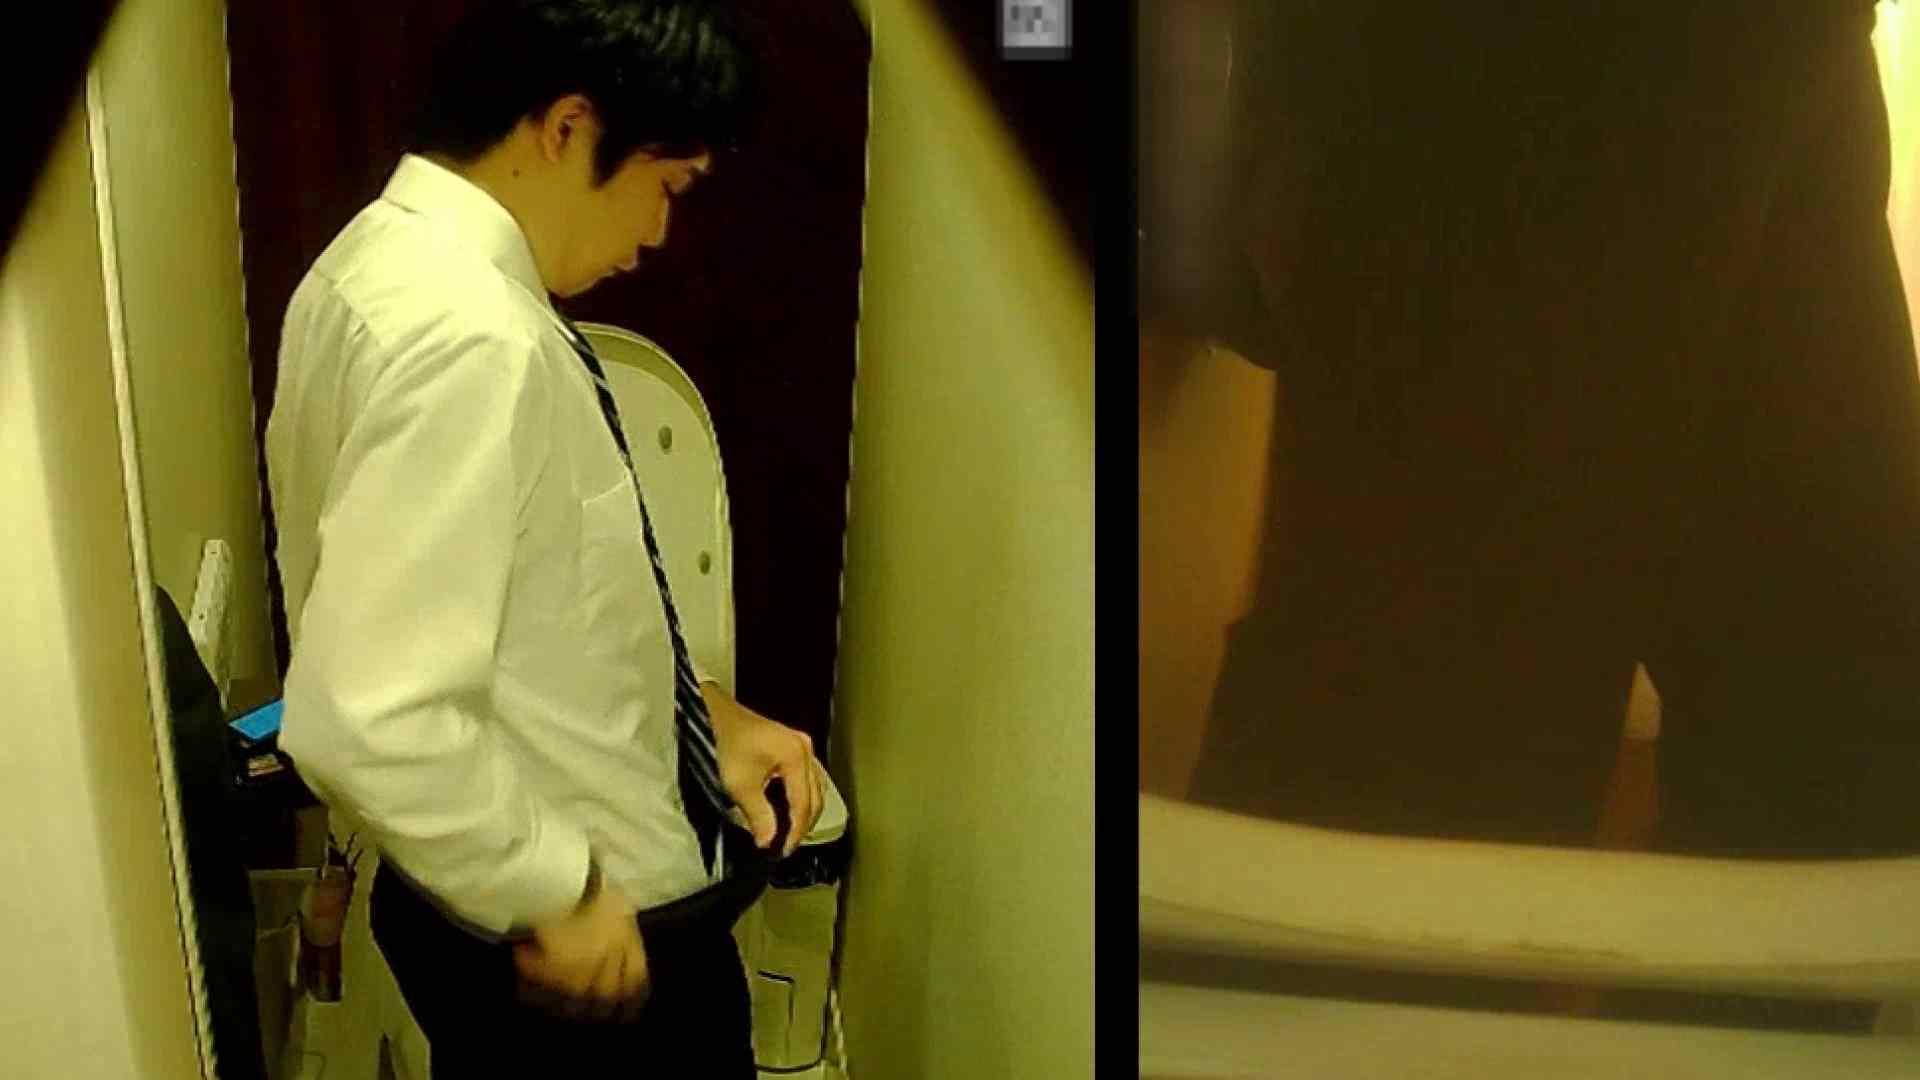 イケメンの素顔in洗面所 Vol.09 イケメンのsex | 0  74pic 45